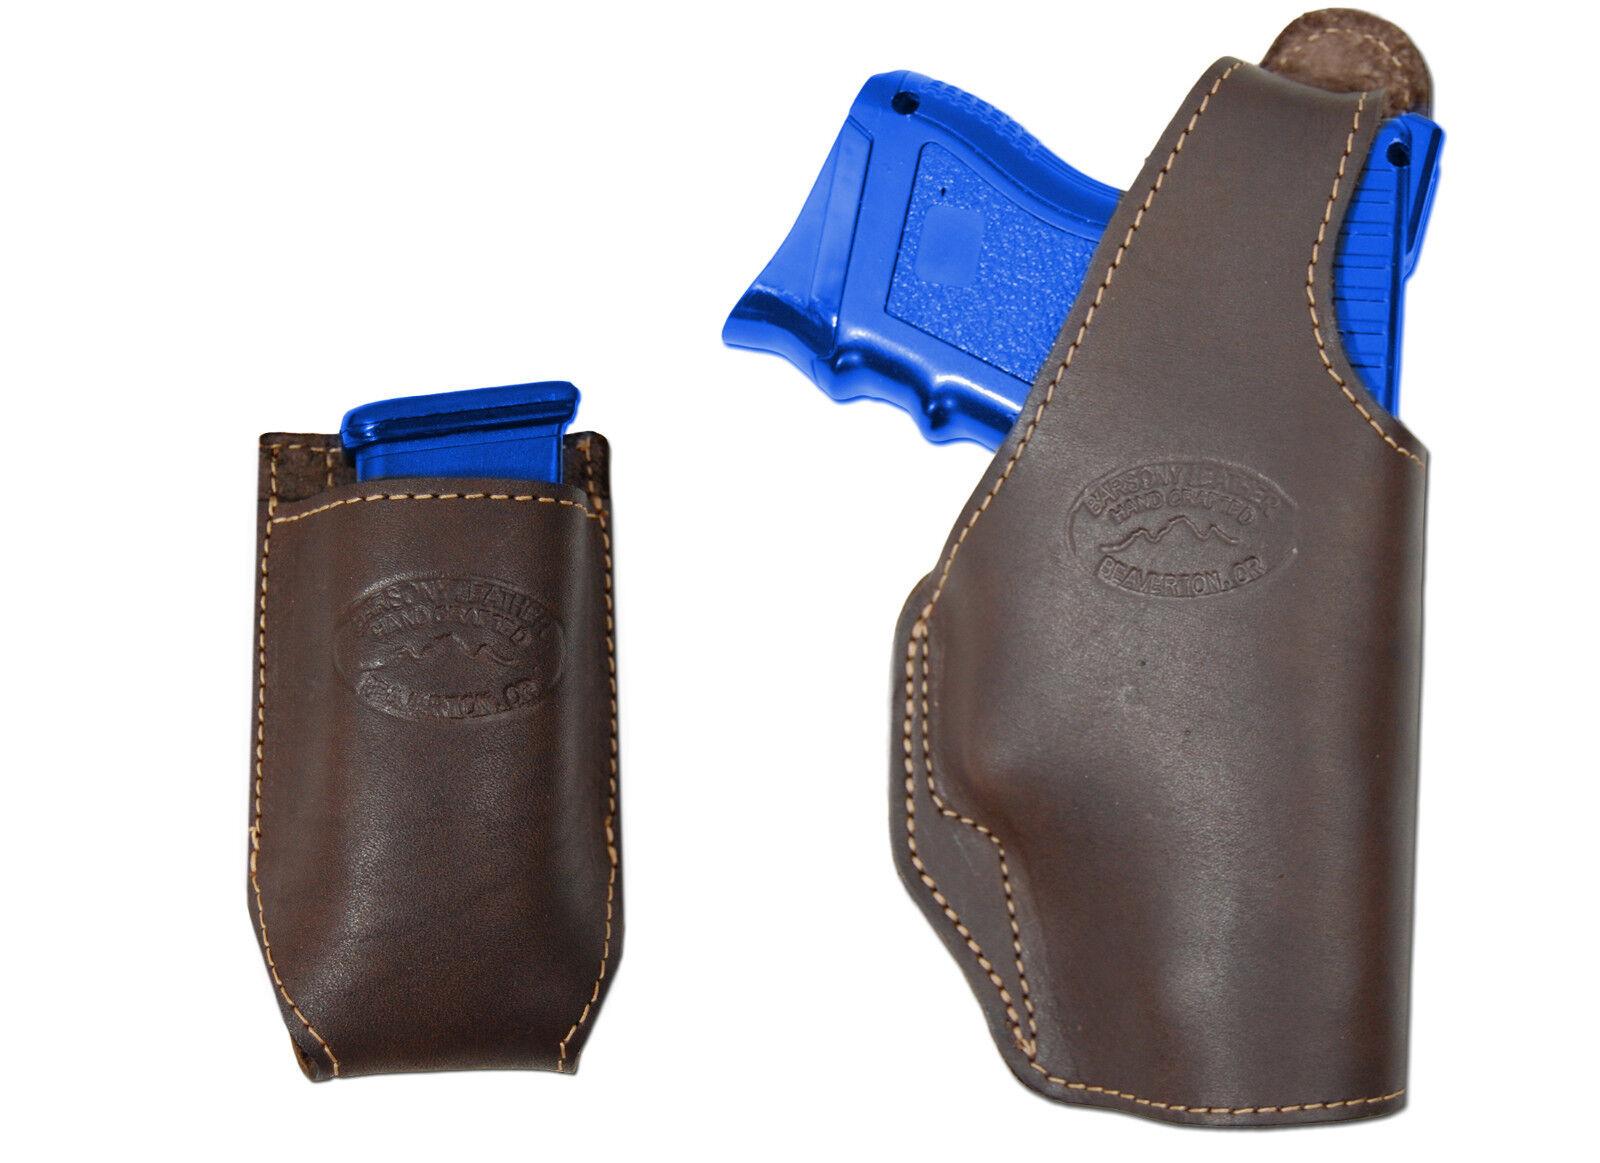 Nuevo barsony Cuero Marrón Owb cinturón pistolera + bolsa del Mag Bersa Compacto 9mm 40 45